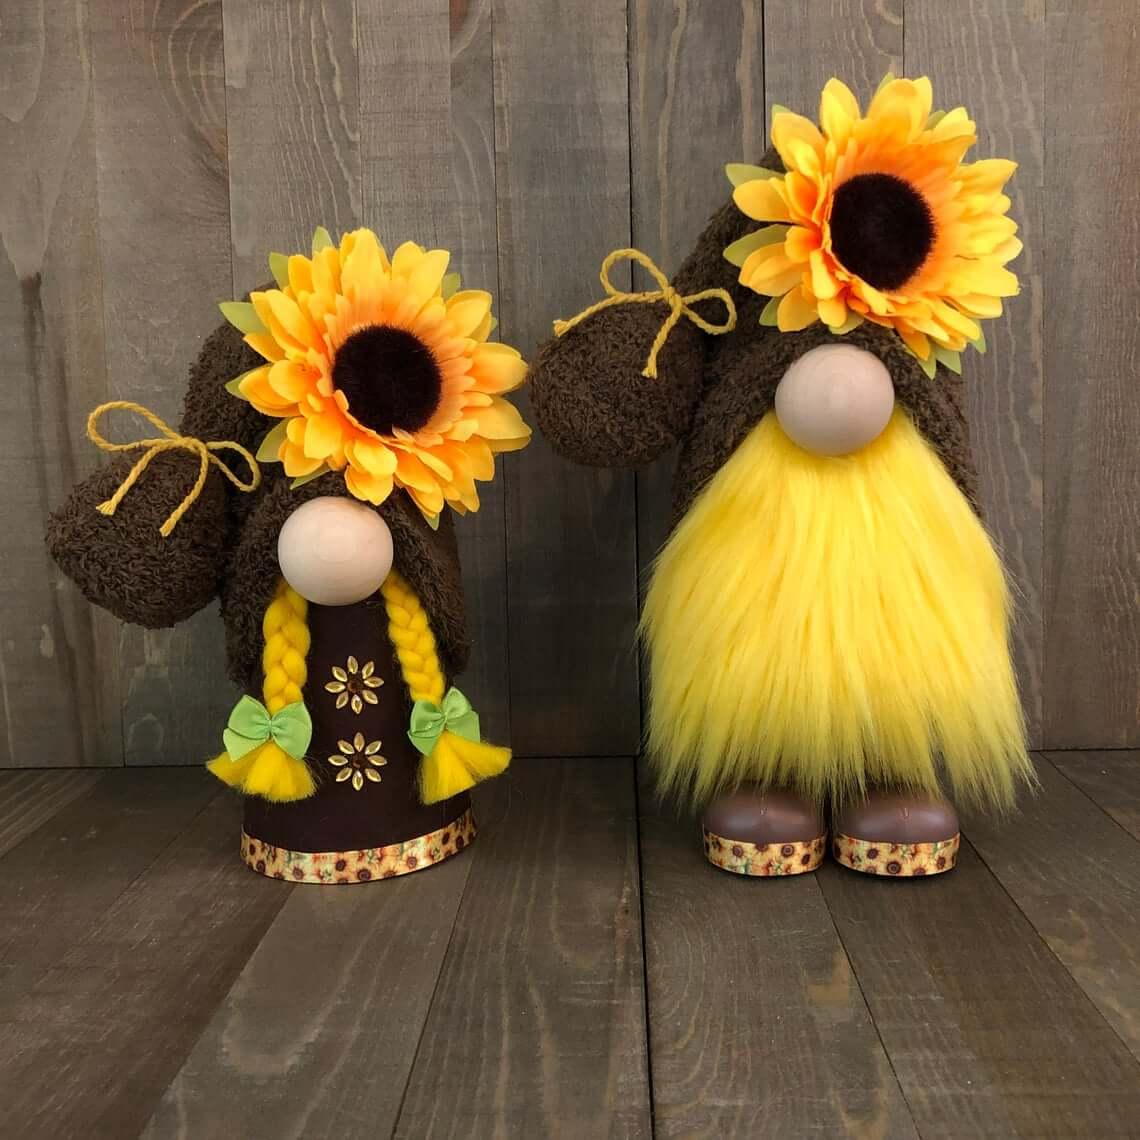 Cute and Unique Sunflower Gnome Couple